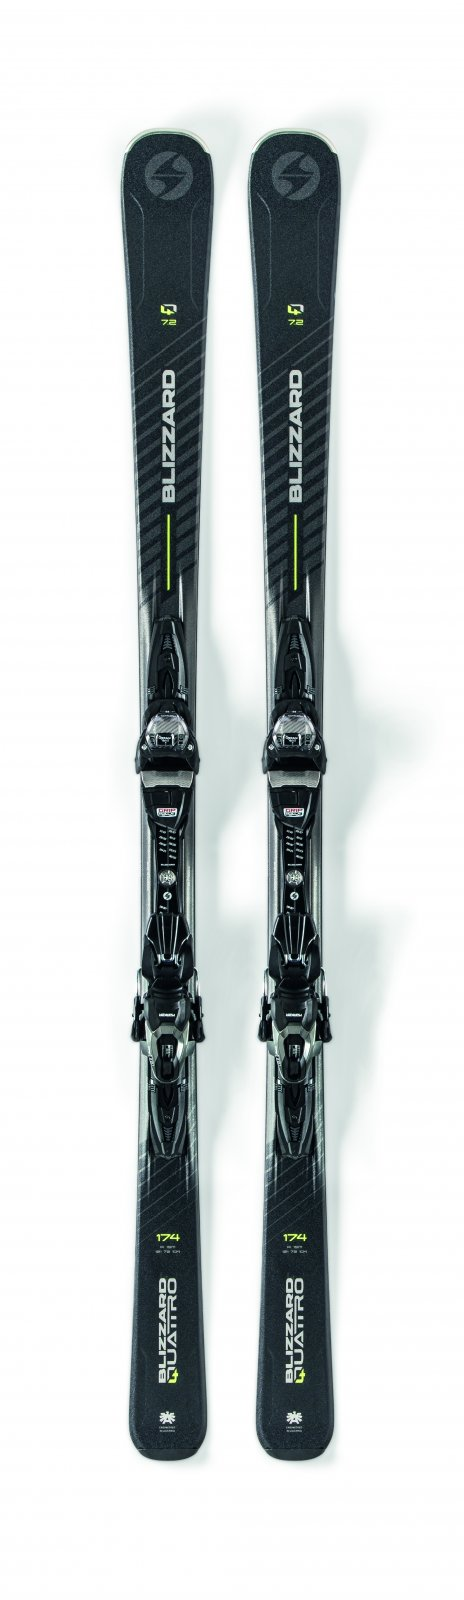 2020 Blizzard Quattro 7.2 W/ Marker TPC 10 Men's Skis